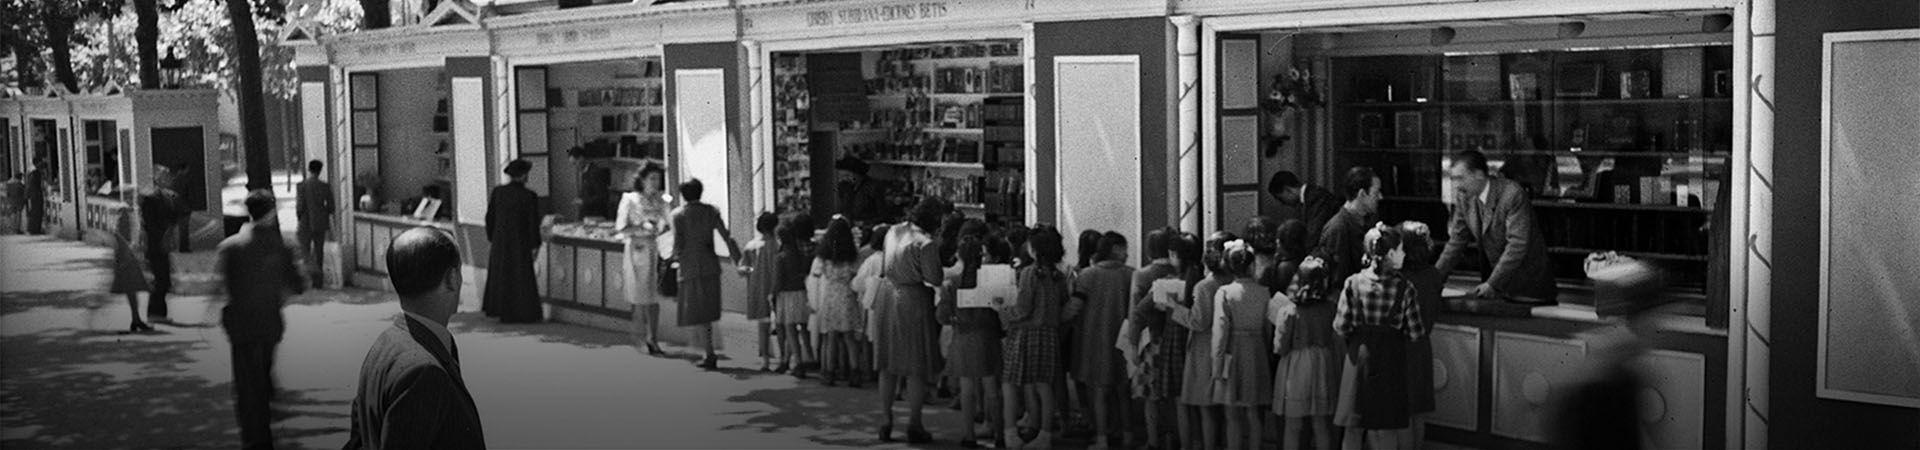 Parades de venda de llibres al Passeig de Gràcia. Barcelona, anys 40. Col·lecció Merletti / IEFC